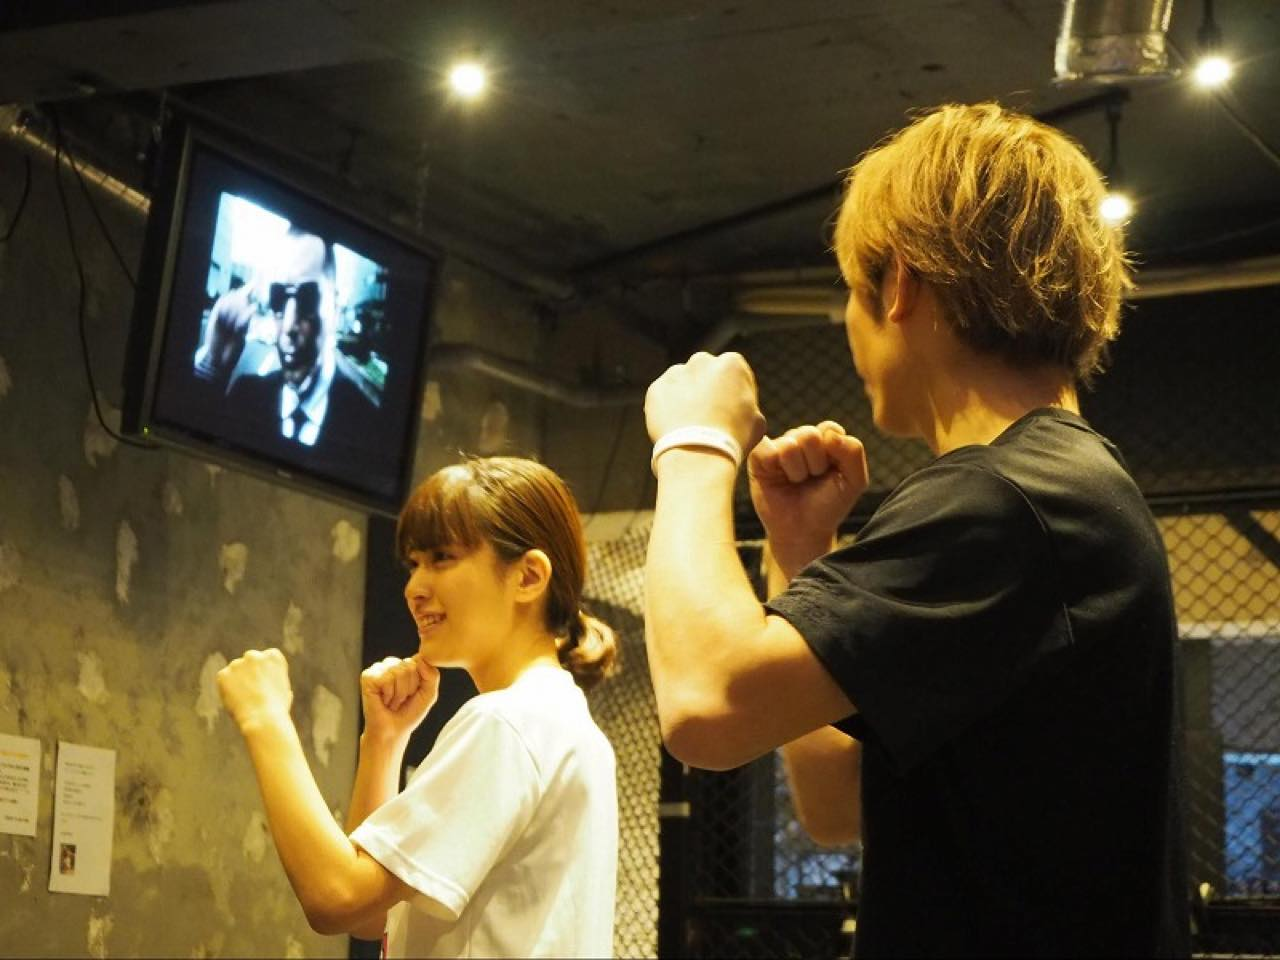 ひと汗かいて即BARで乾杯! 渋谷の「FIGHT CLUB 428」で飛び入り格闘技体験